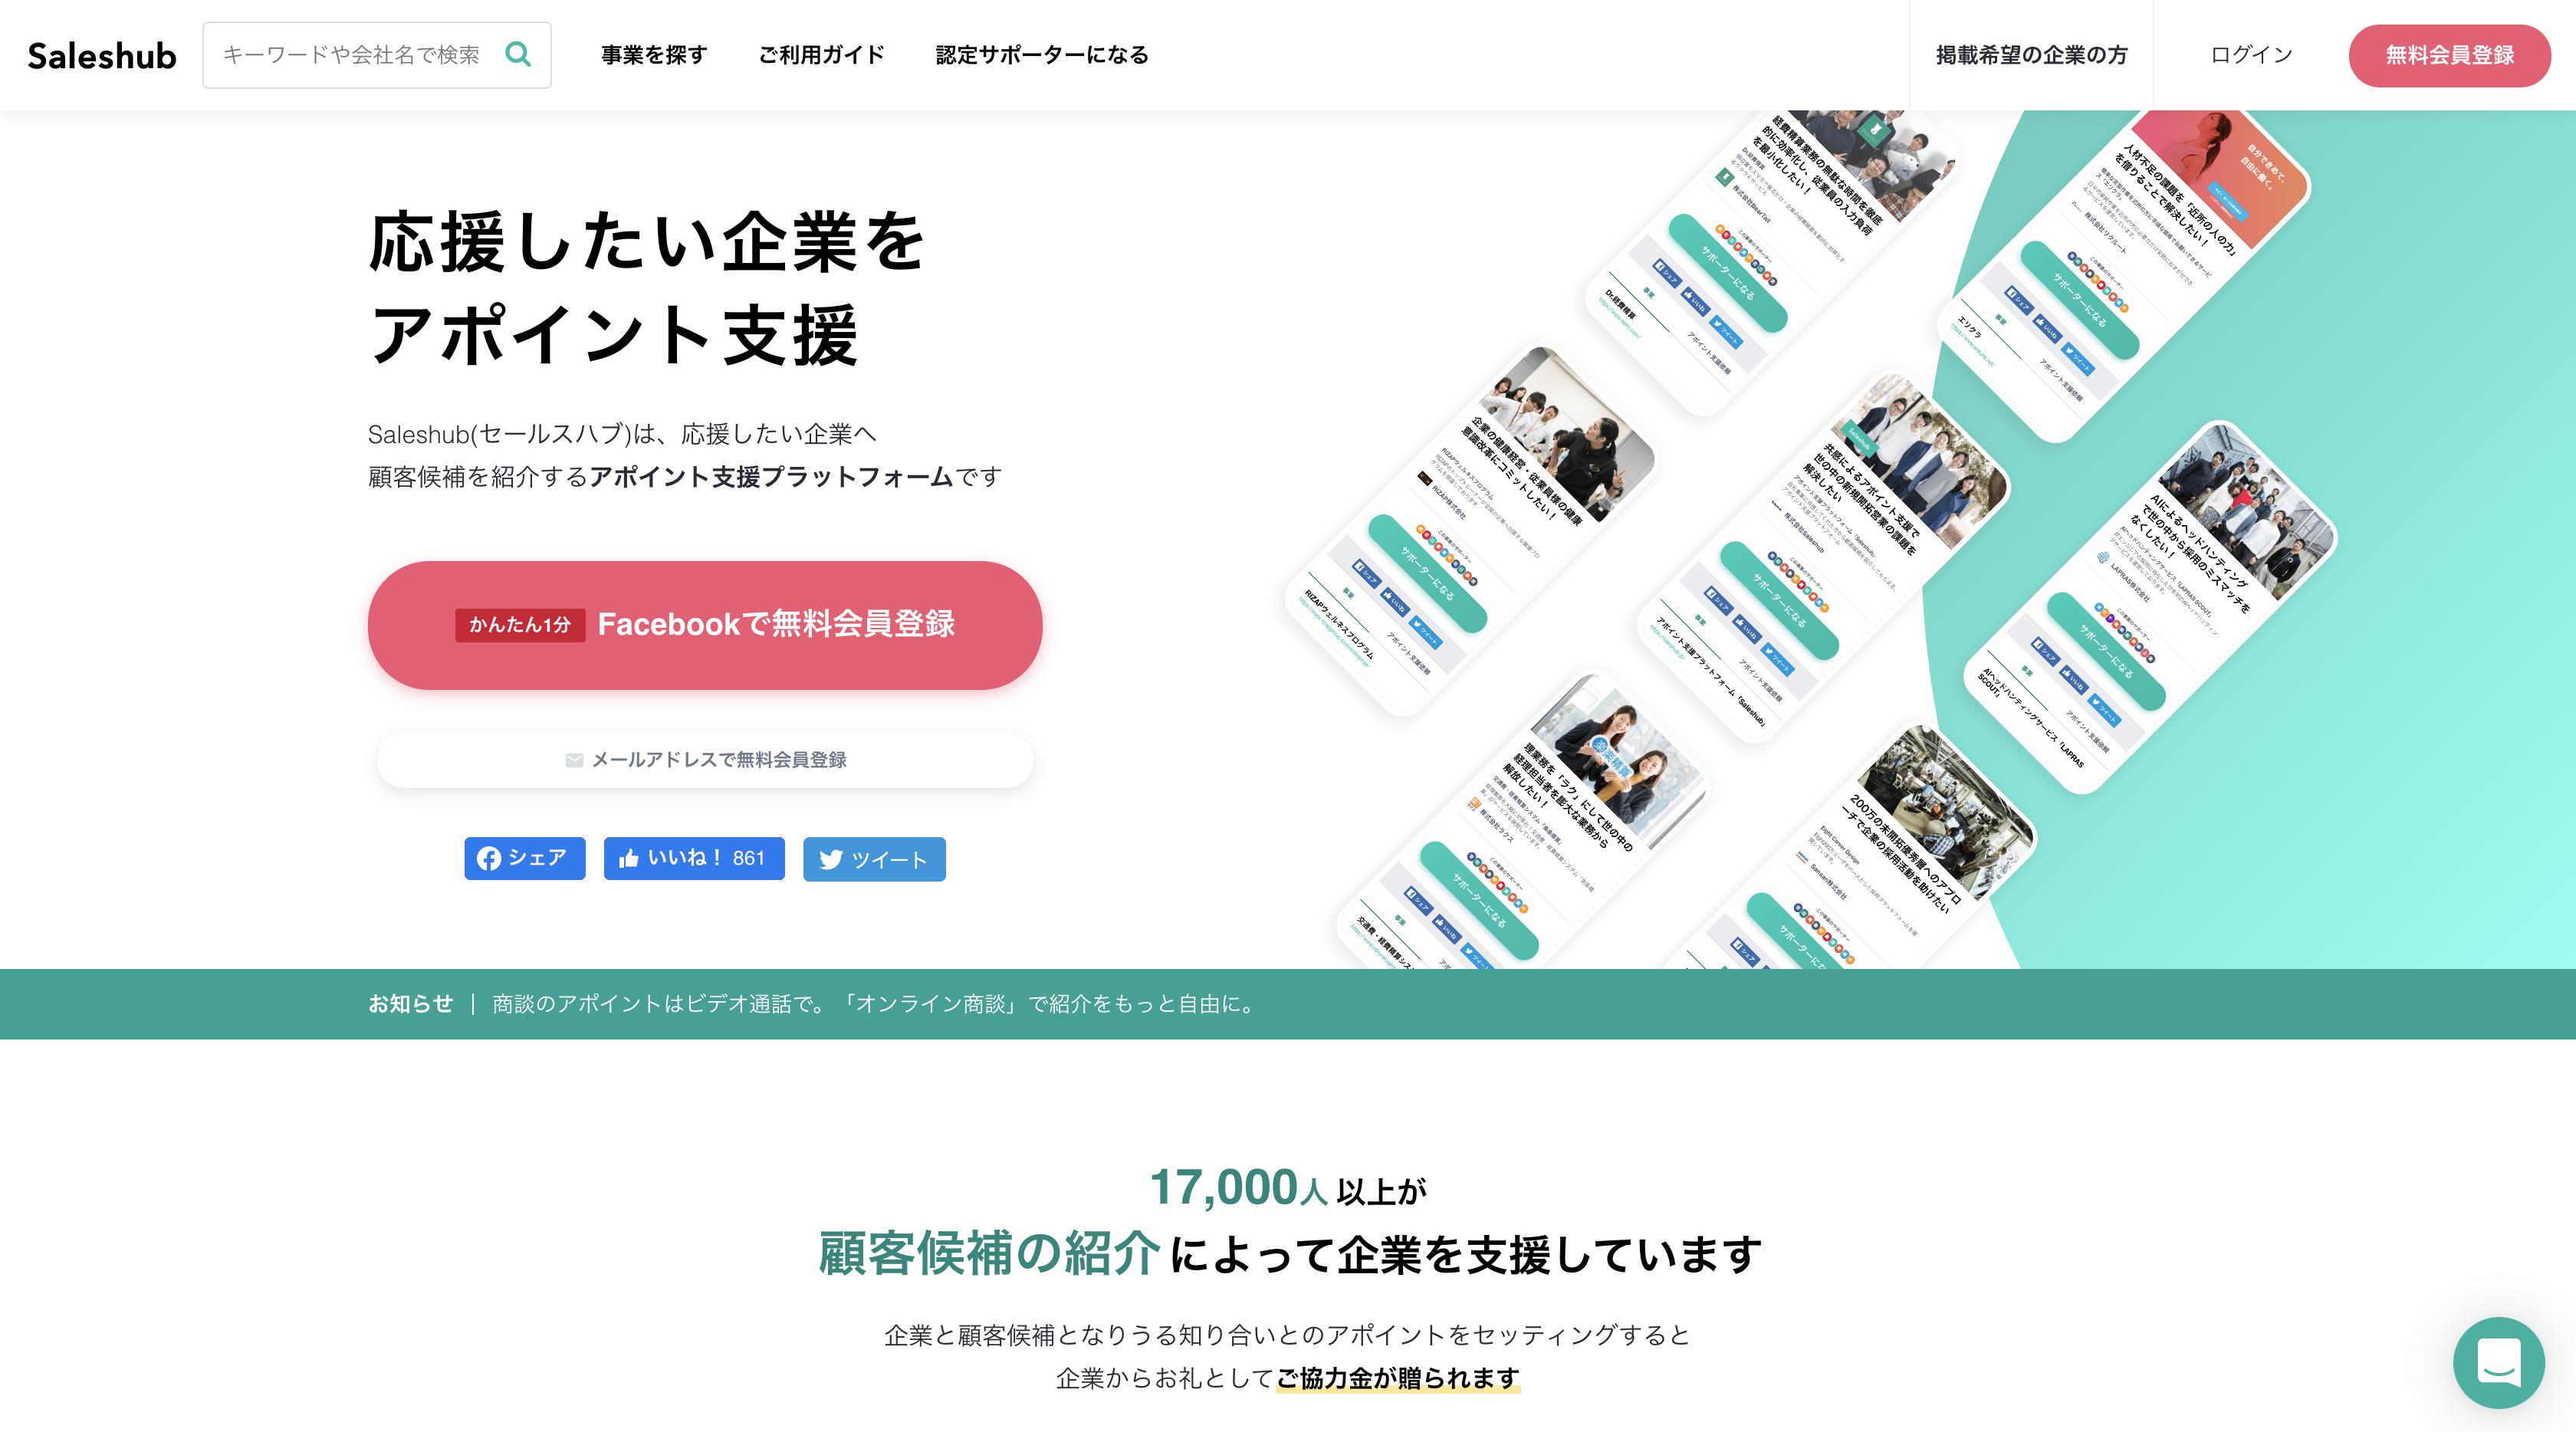 オンラインでリファラル営業ができるサービス【Saleshub】